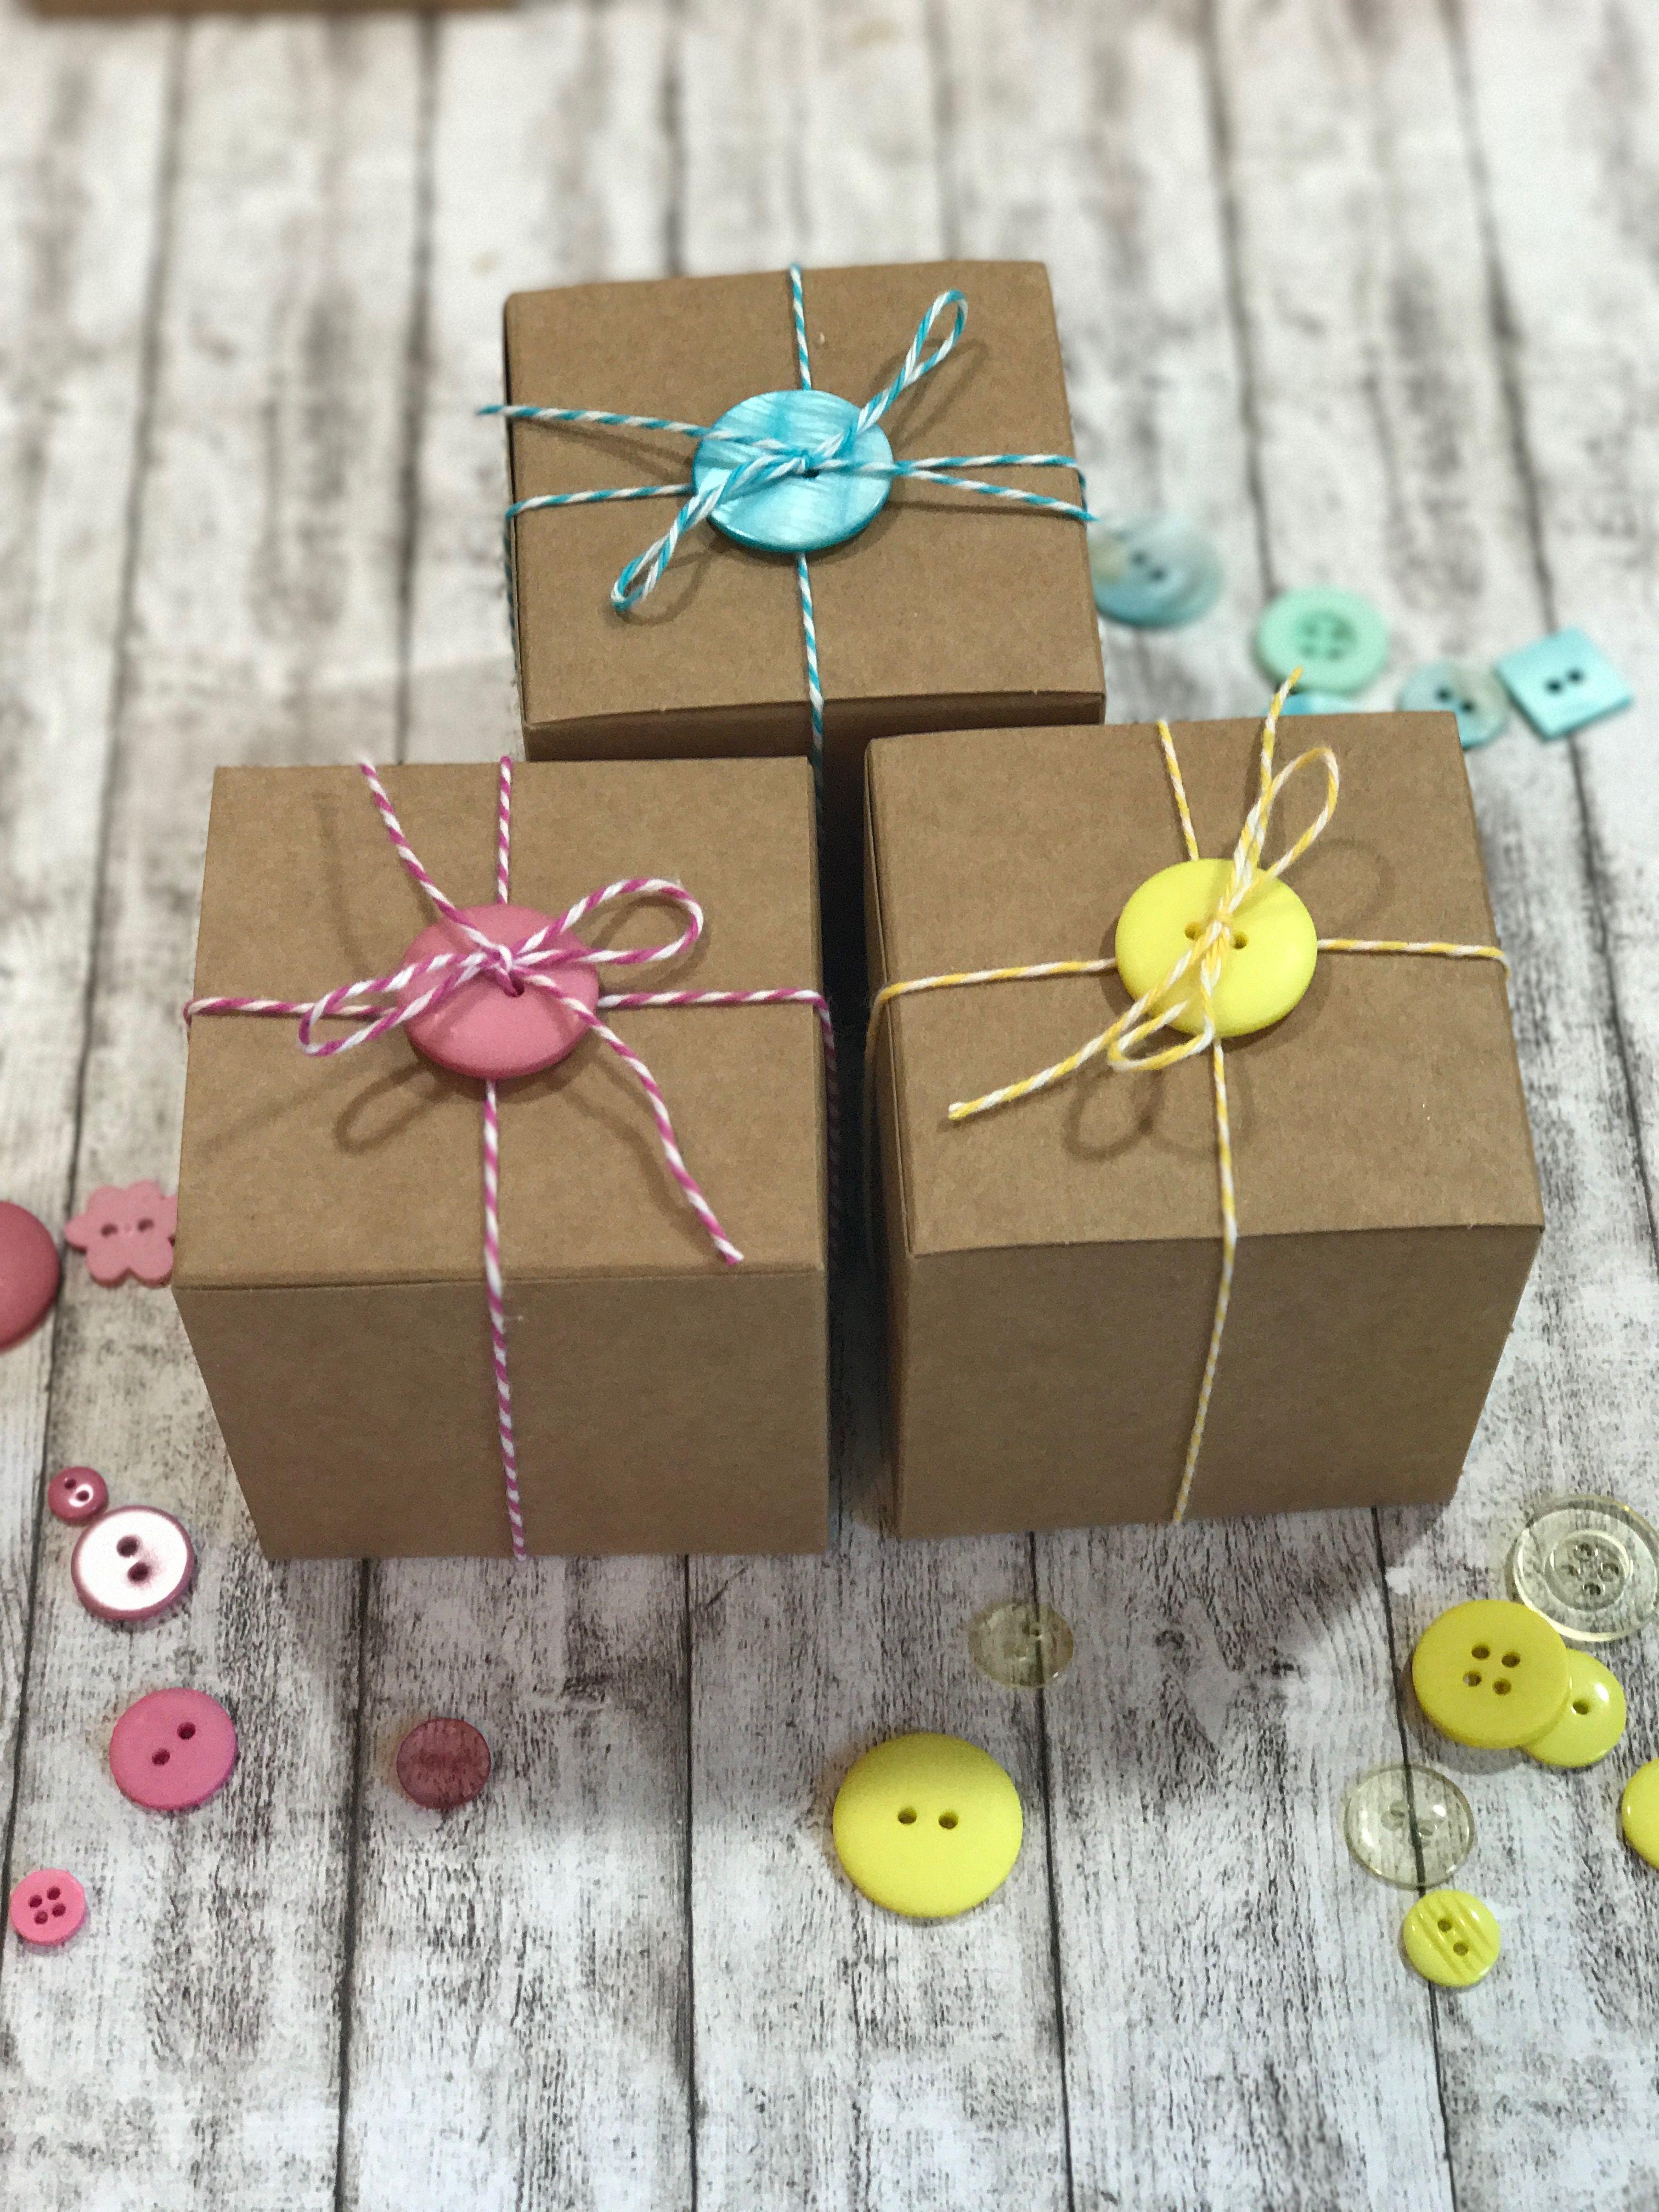 Pin de connie burger en paquetes y sobres de regalo - Paquetes de regalo ...